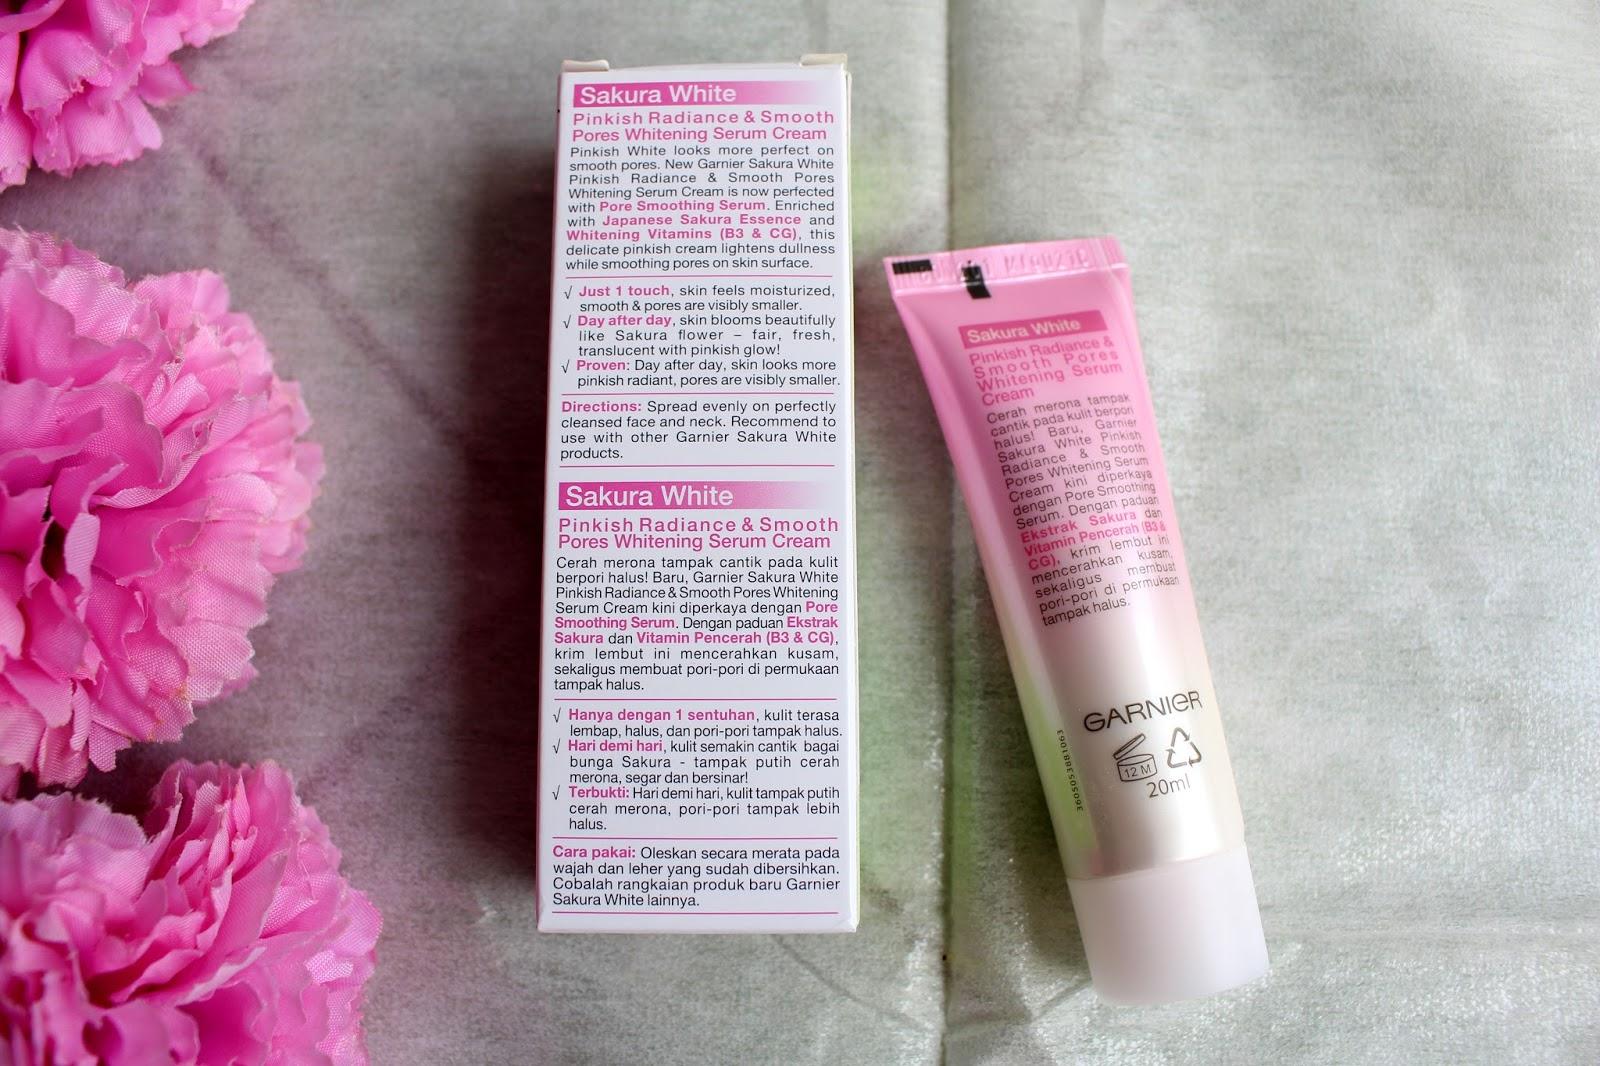 Garnier Sakura White Whitening Serum Night Cream Daftar Harga 18ml Spf21 Ingrendients Pinnkish Radiance And Smooth